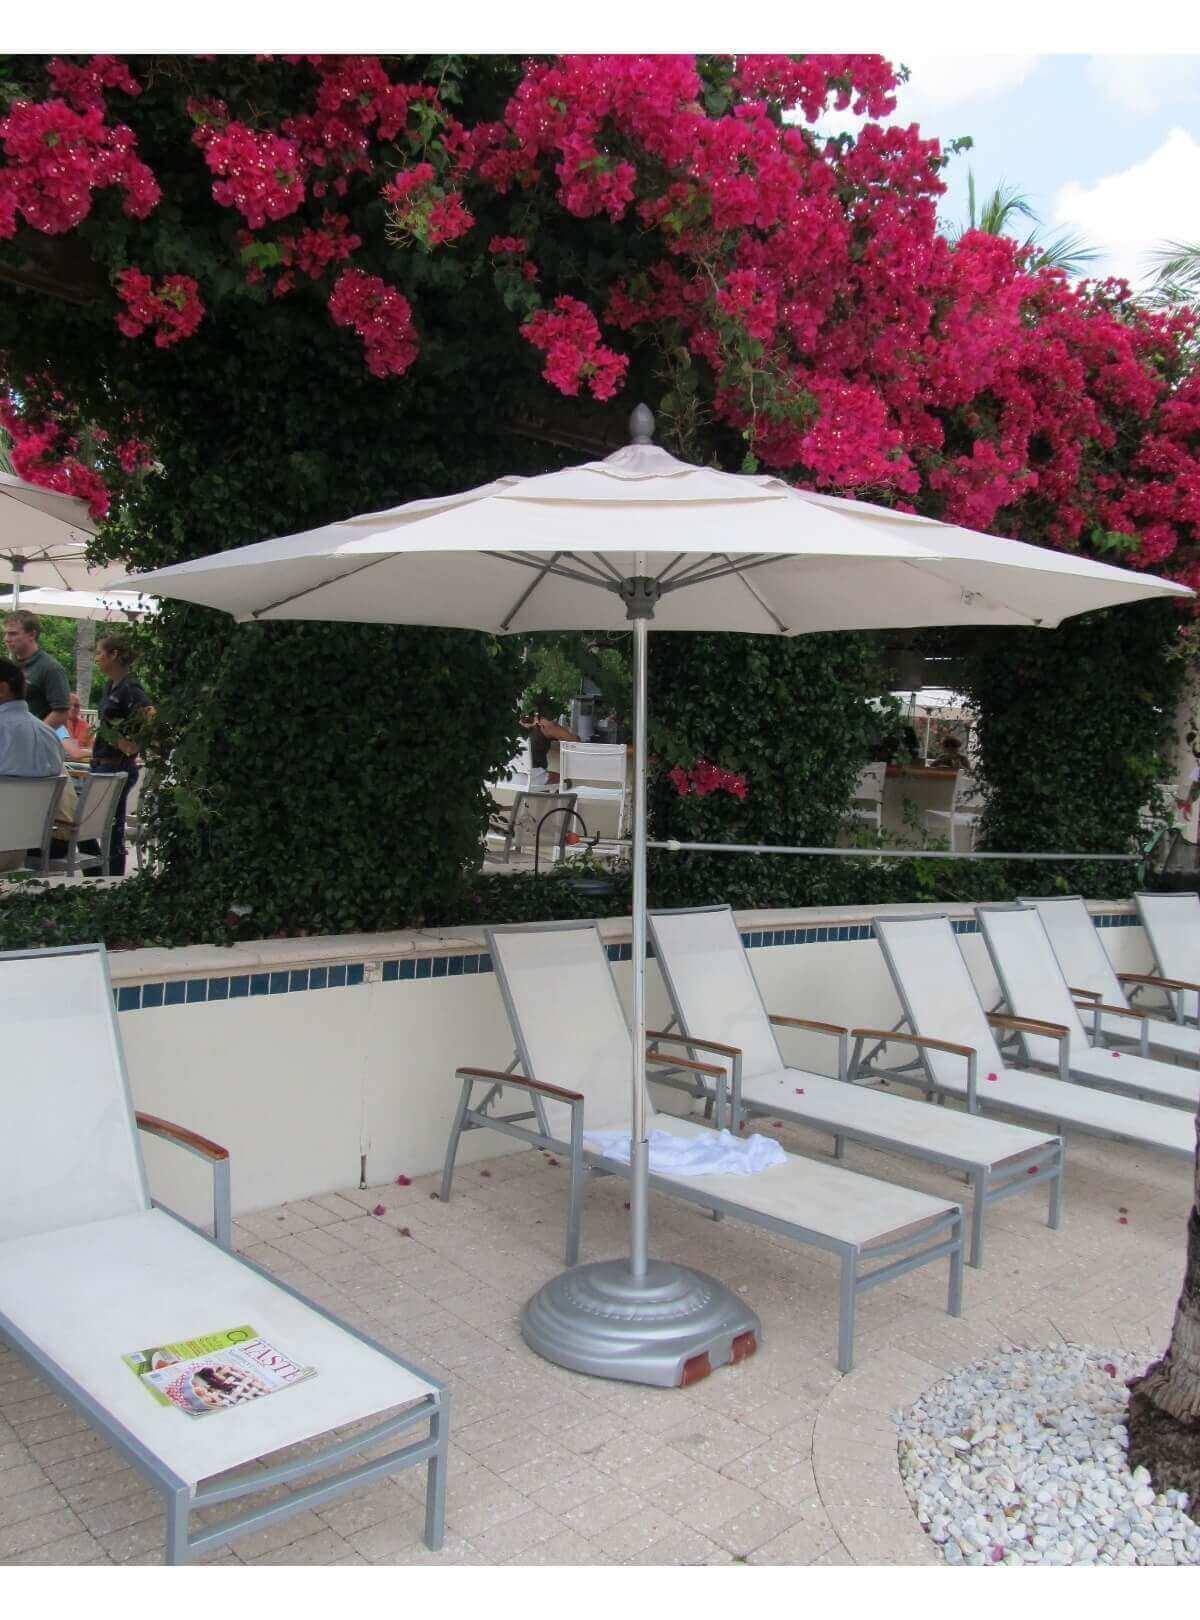 8 Ft Lucaya Octagonal Fiberglass Ribbed Market Umbrella With e